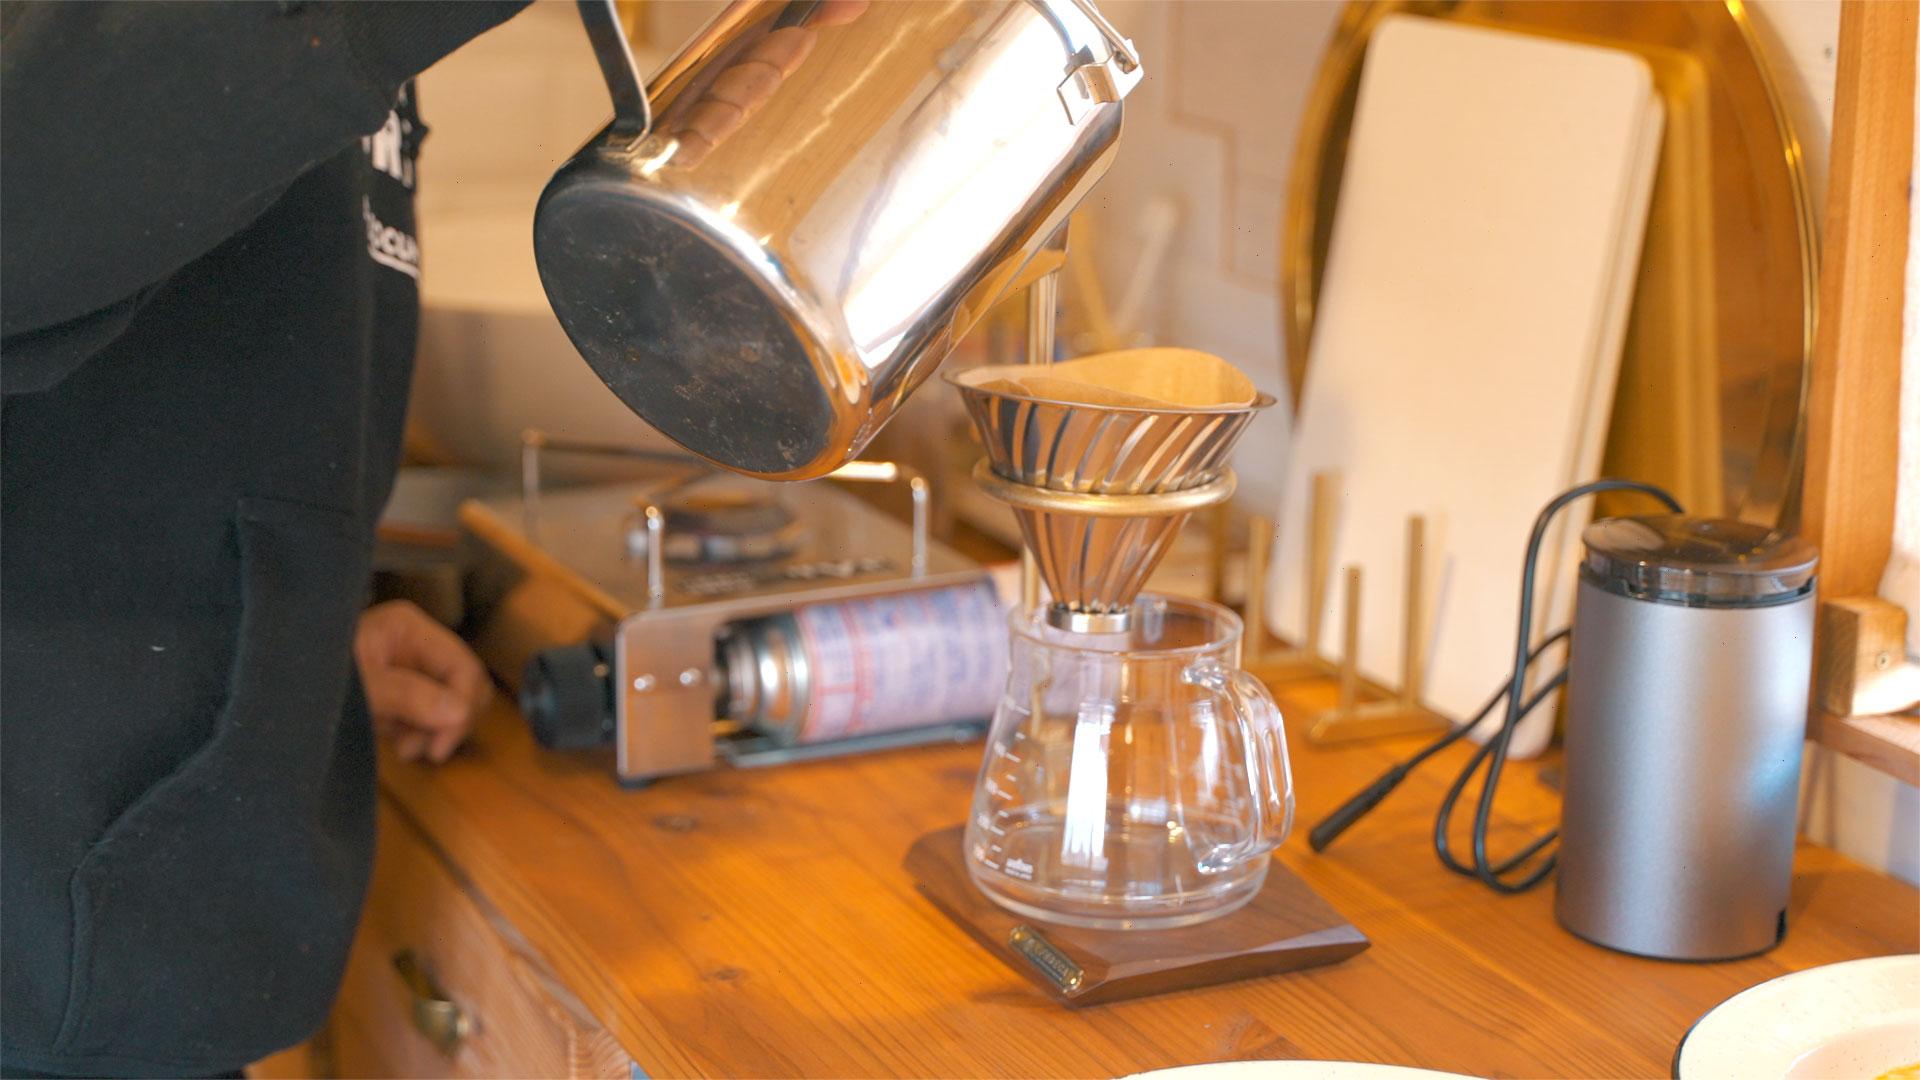 これでコーヒーを入れるだけでちょっと特別な感じがします